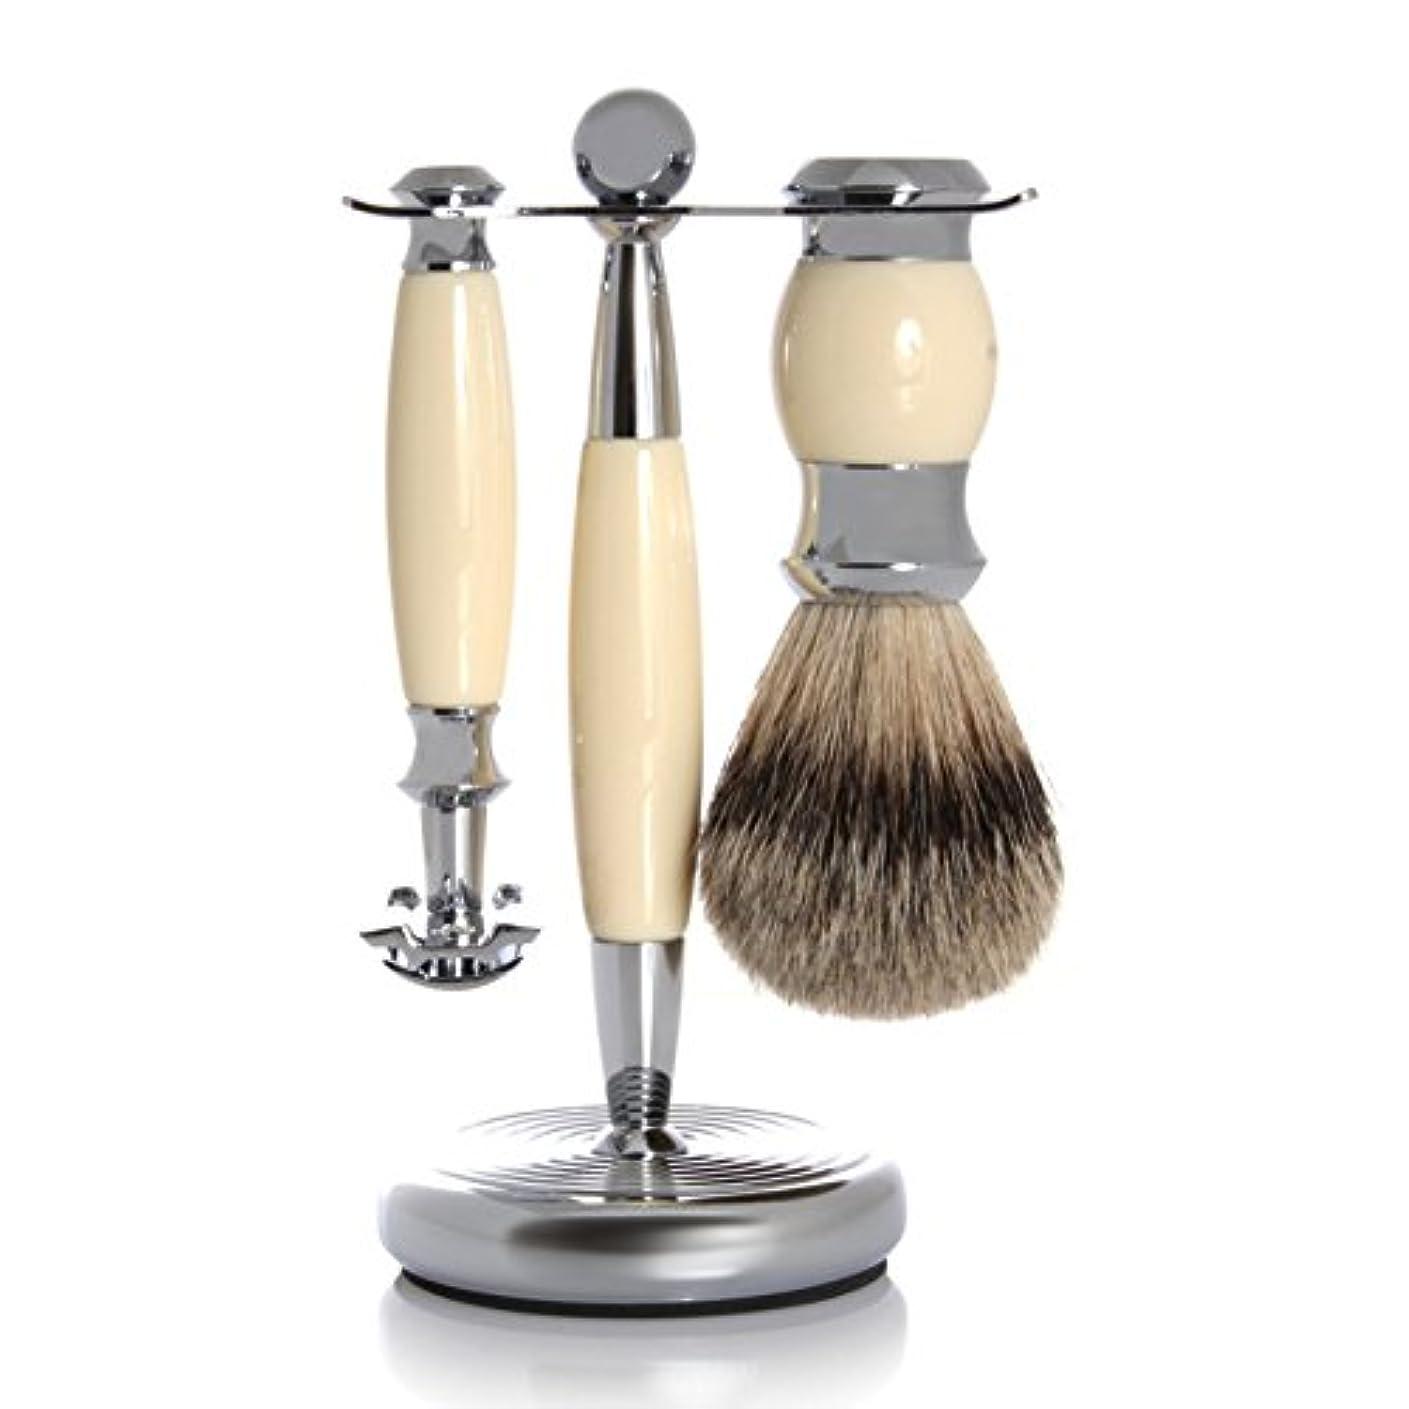 小競り合い衣類ましいGOLDDACHS Shaving Set, Safety razor, Finest Badger, white/silver